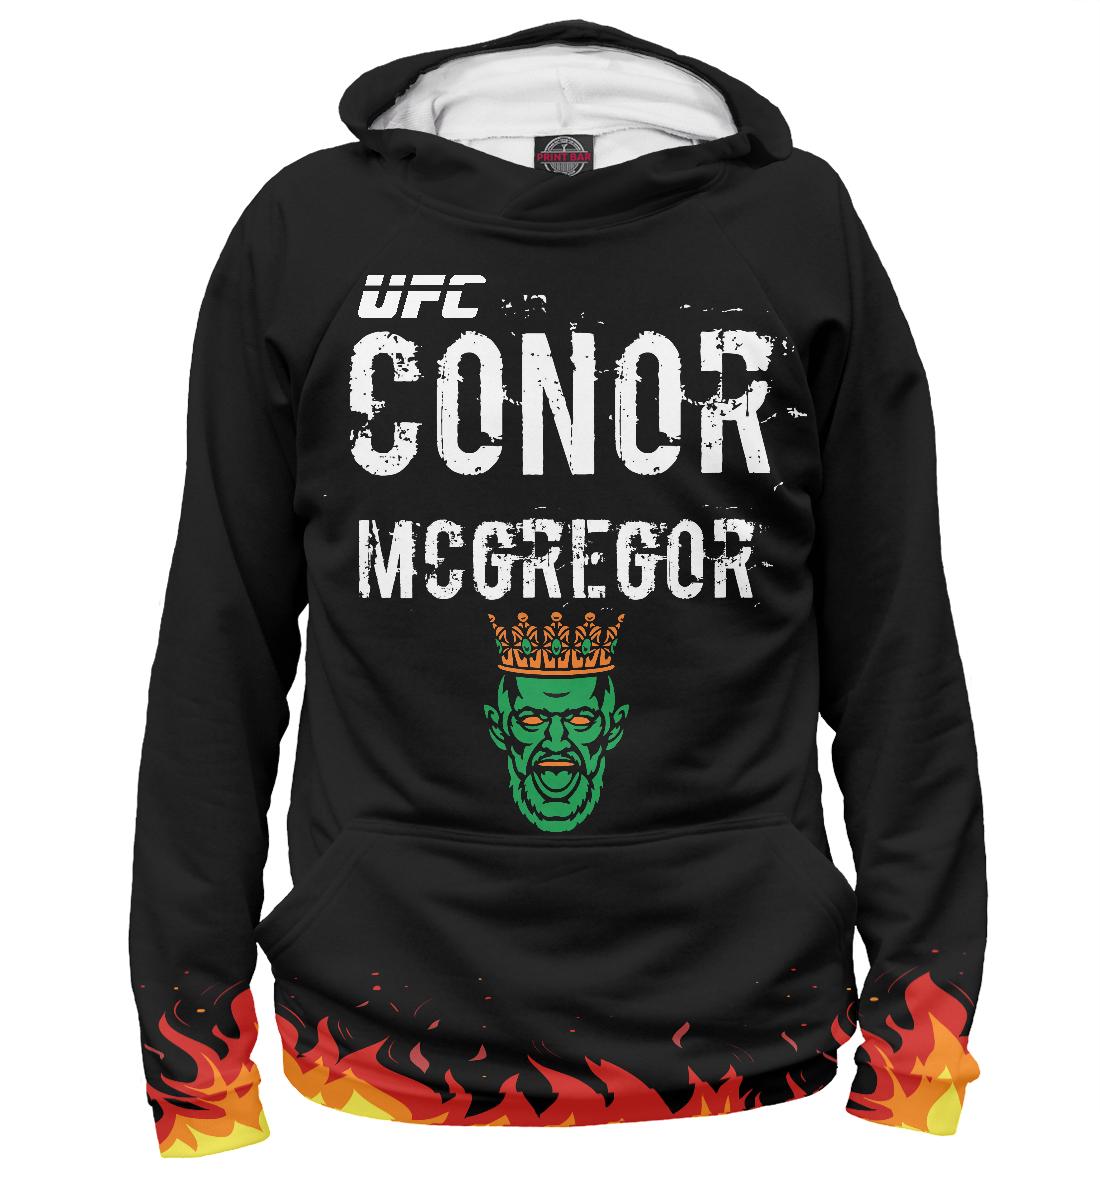 Купить Пламя   UFC Conor McGregor, Printbar, Худи, MCG-542716-hud-2